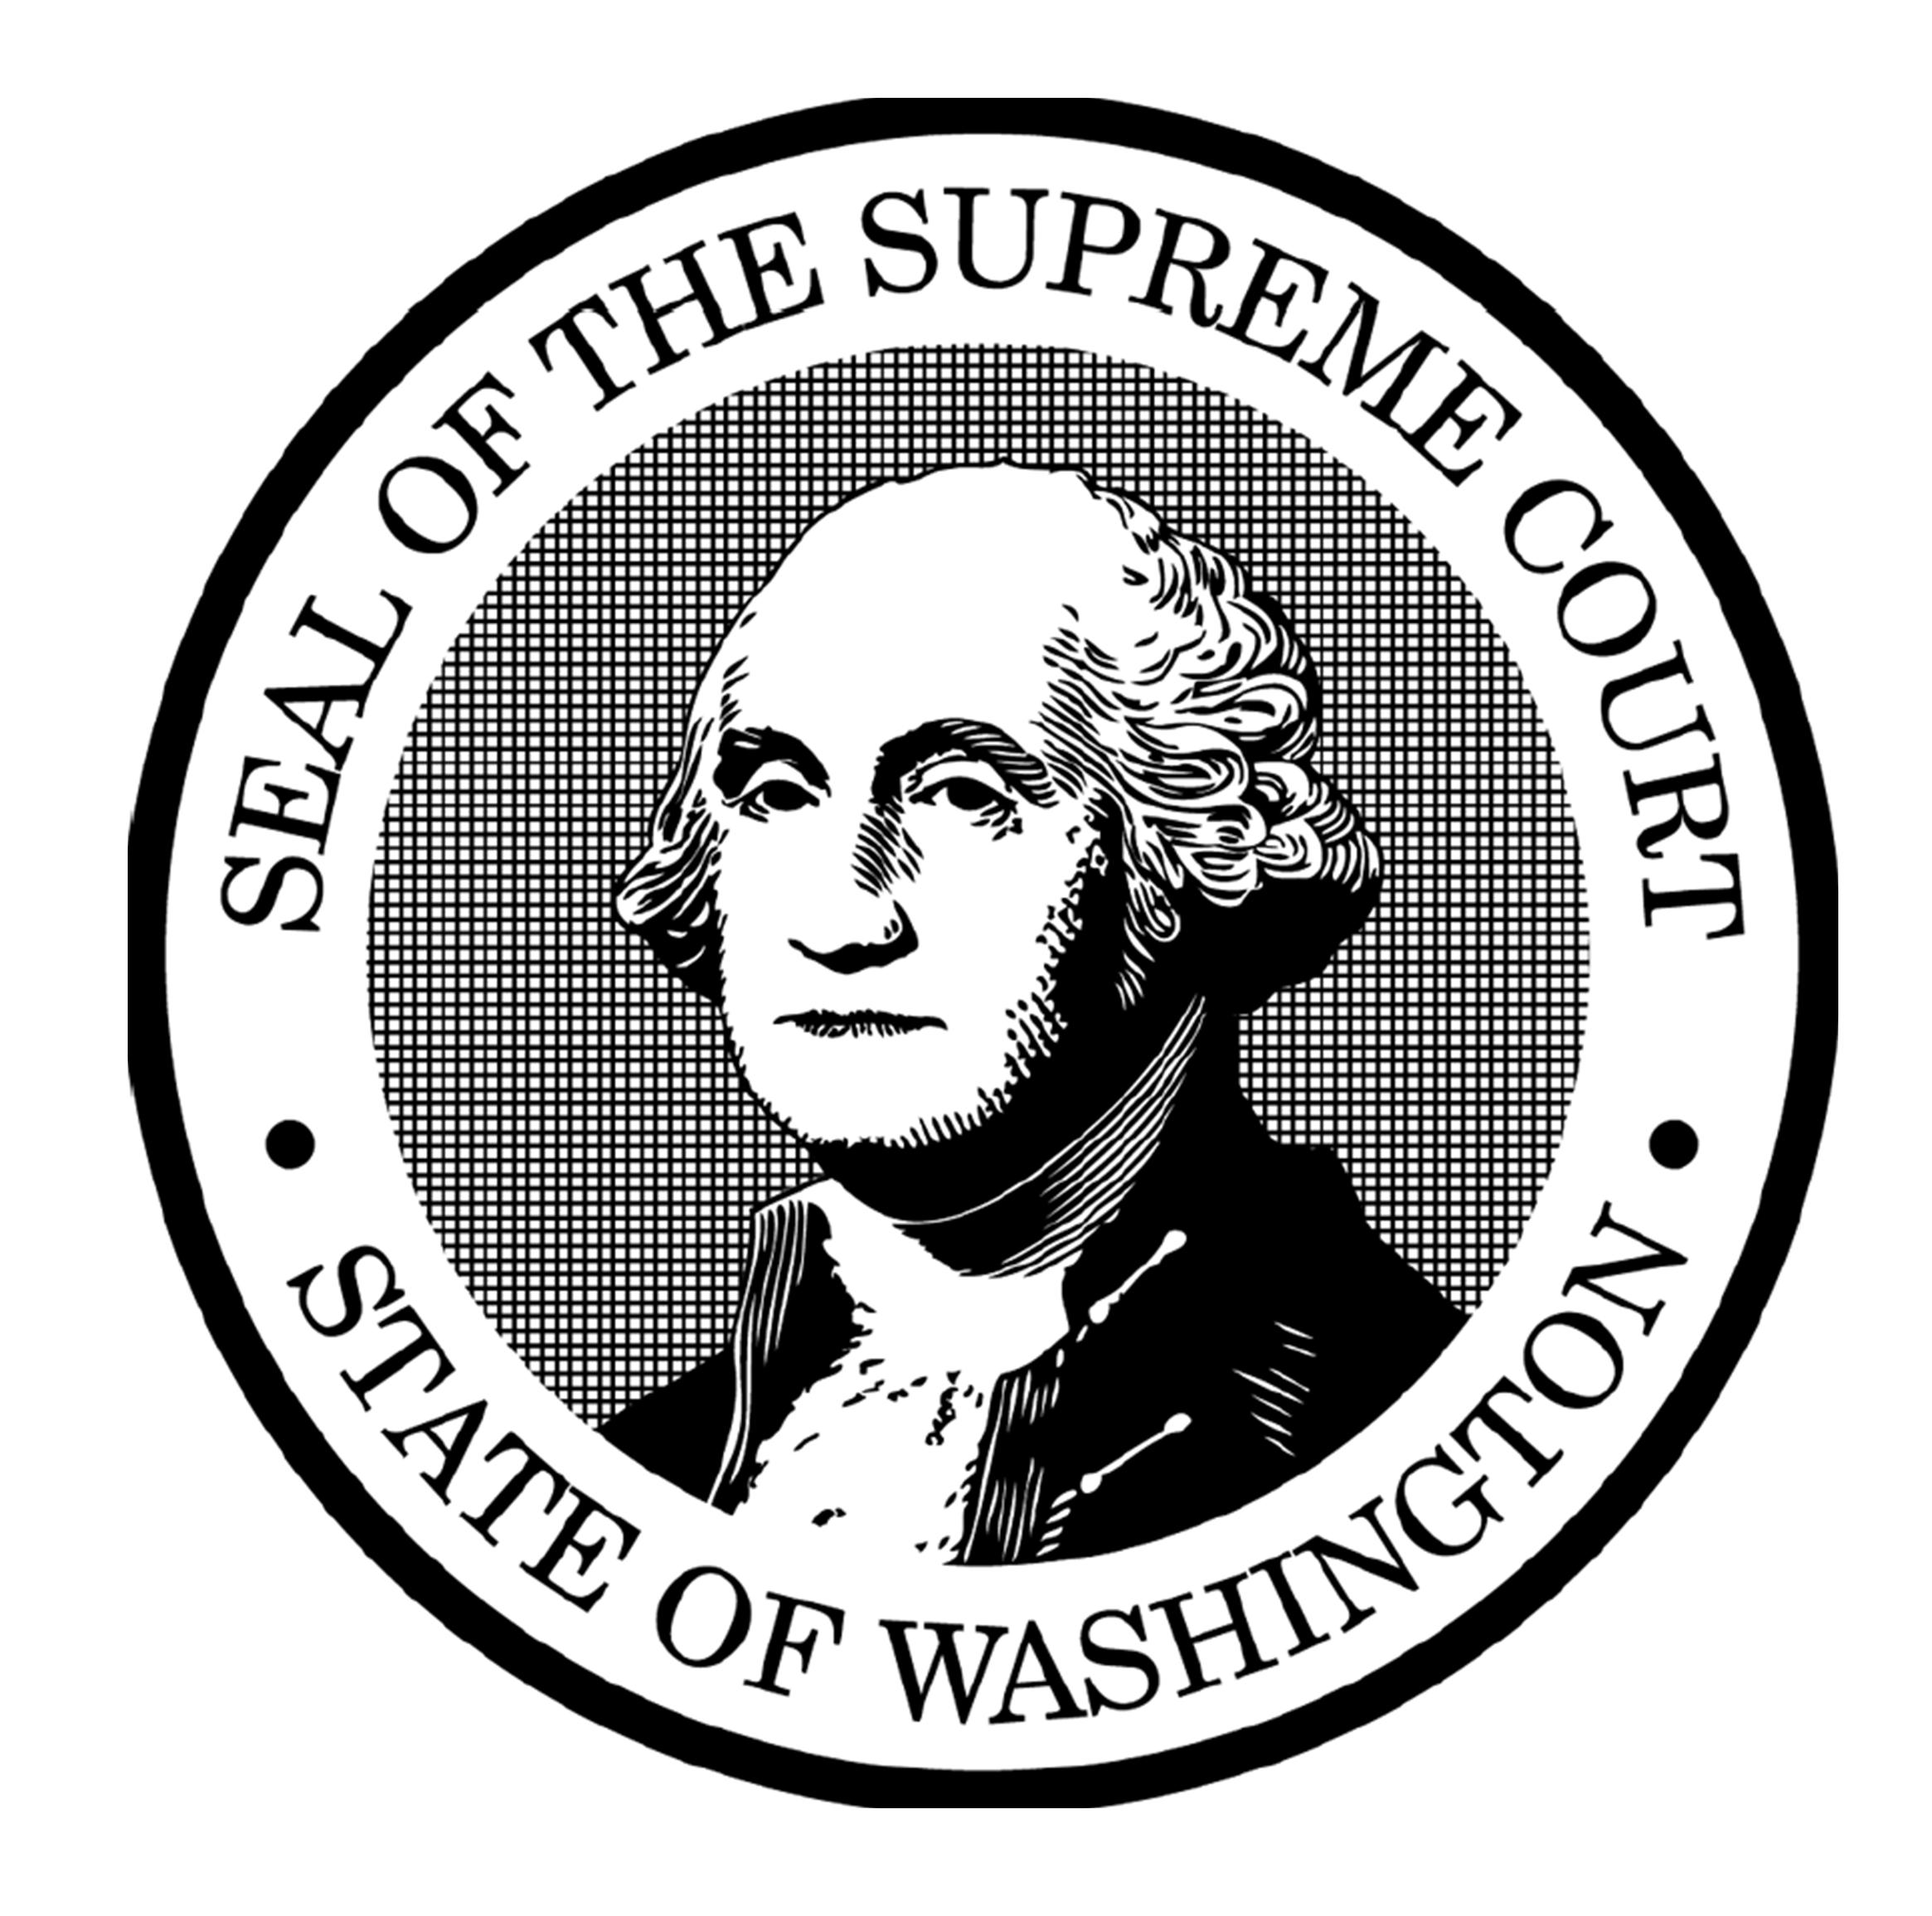 Log for the Washington Supreme Court